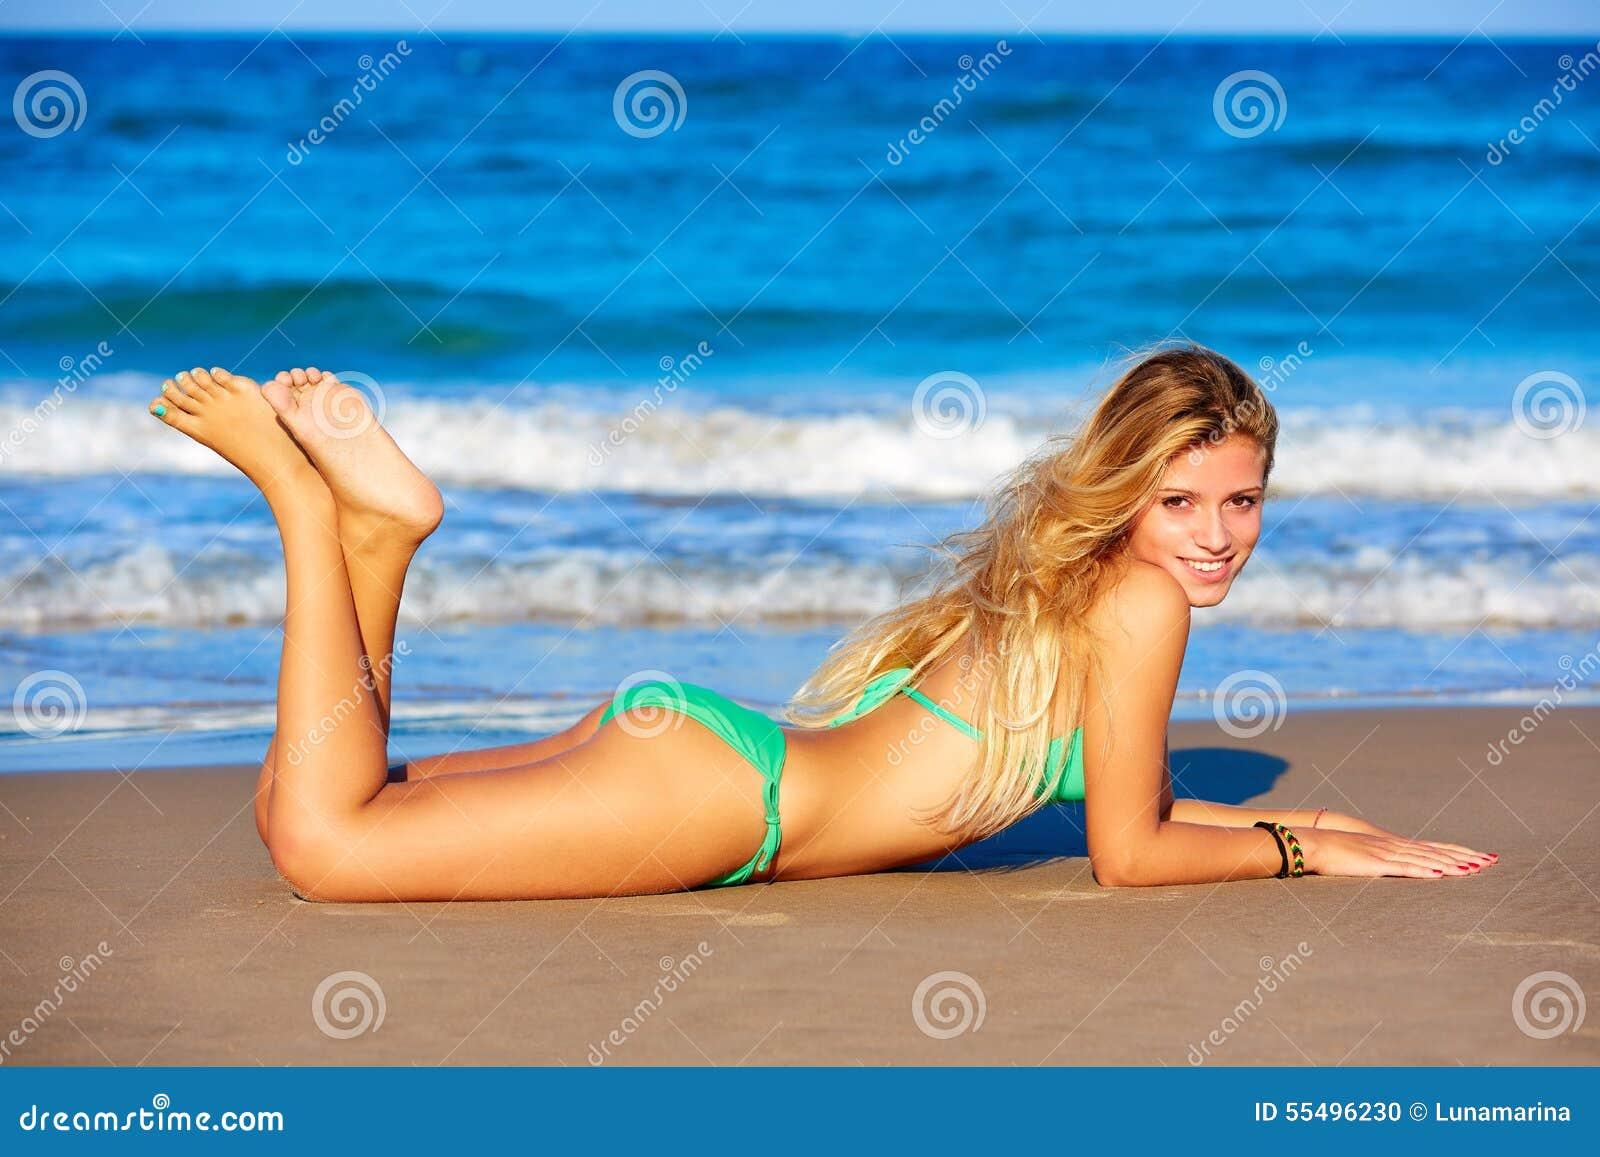 Ξανθές νεολαίες κοριτσιών μπικινιών που βρίσκονται στην άμμο παραλιών